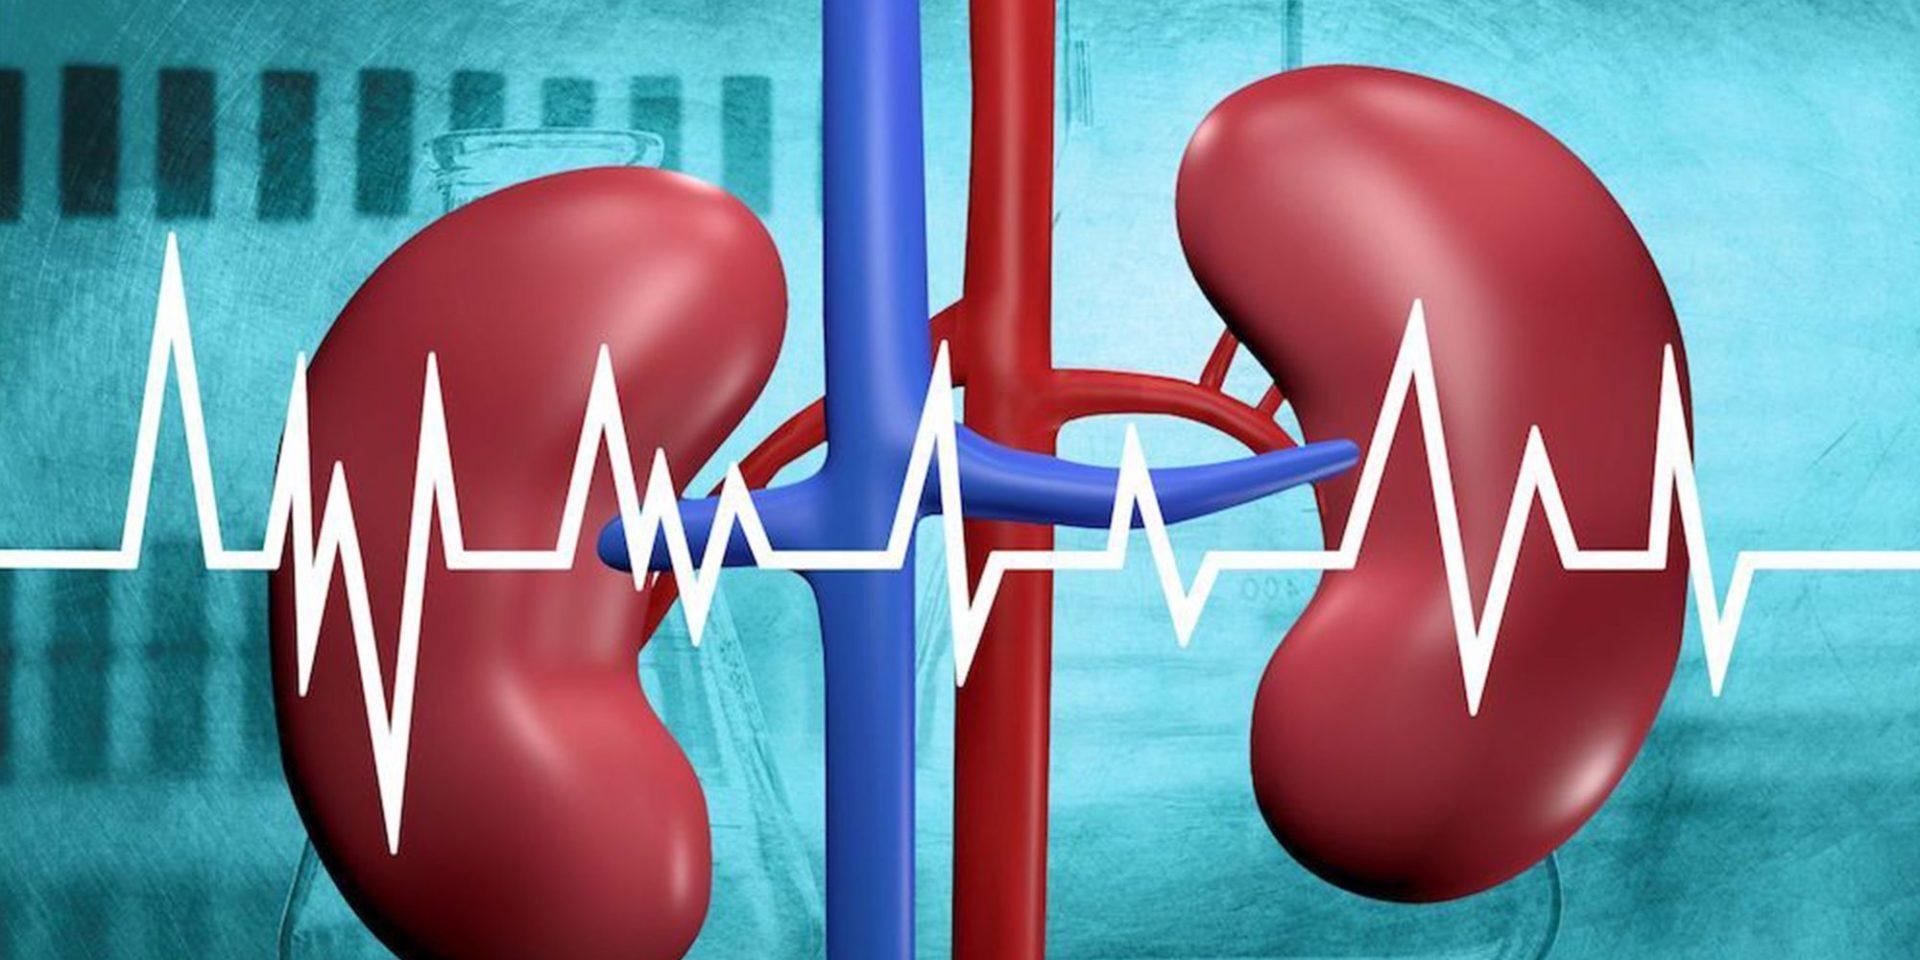 Kamen u bubregu je pojava čvrste, solidne tvorevine u kanalnom sistemu bubrega, koja može izazvati zastoj u mokraćnim putevima na različitim nivoima.